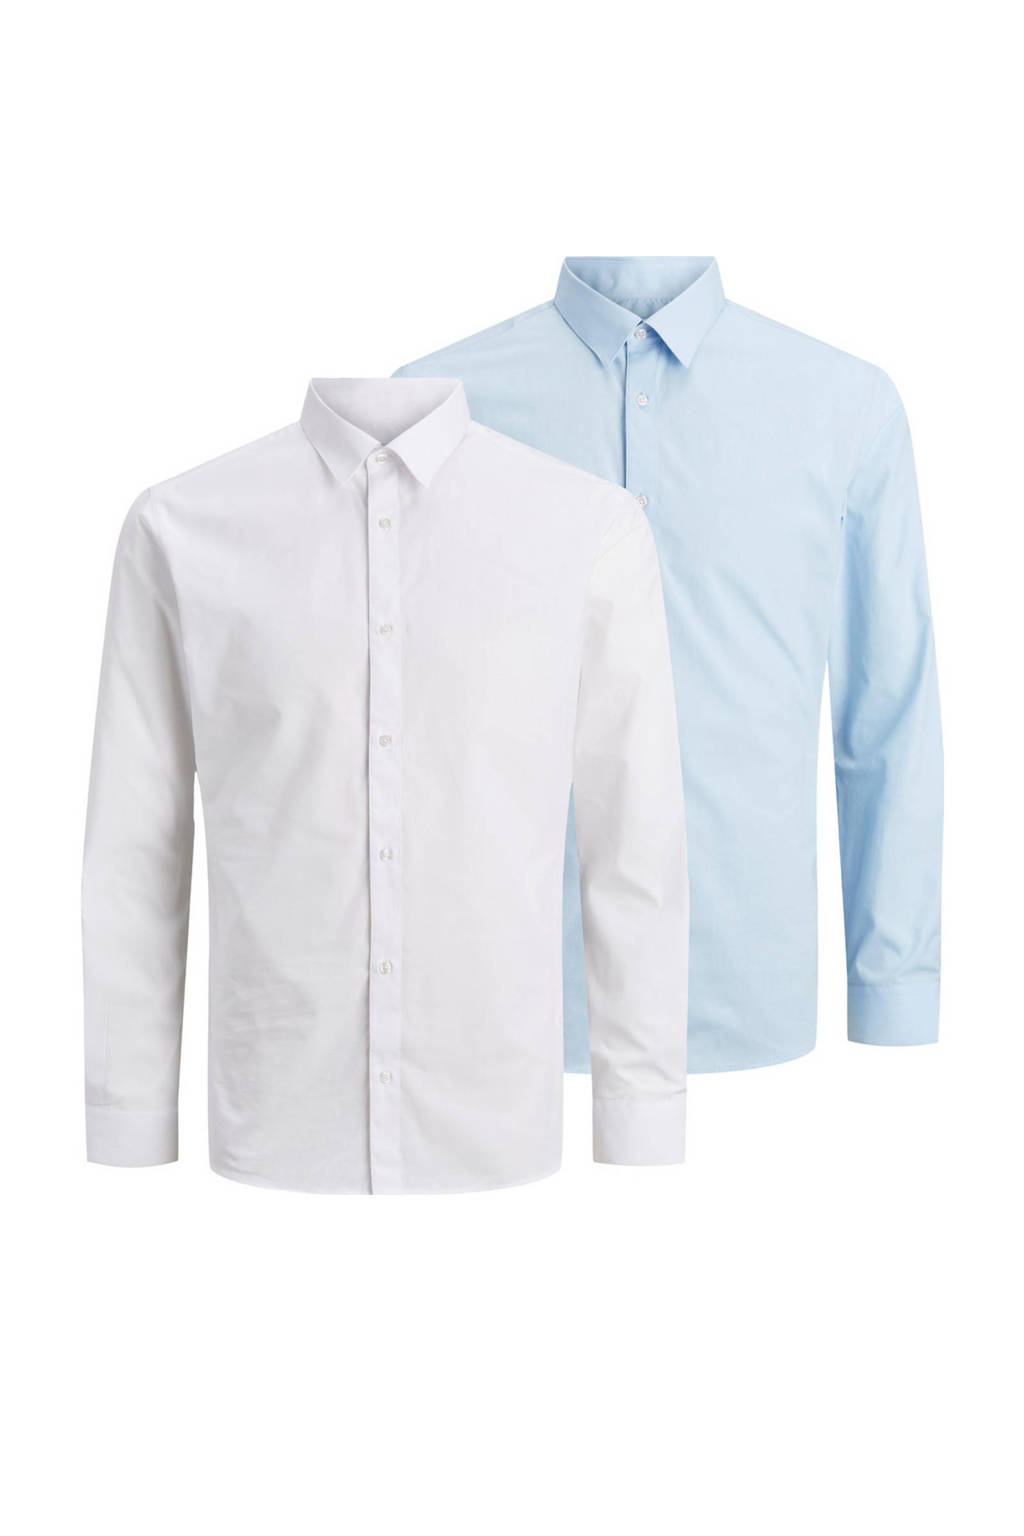 JACK & JONES overhemd (set van 2 ) wit/lichtblauw, Wit/lichtblauw